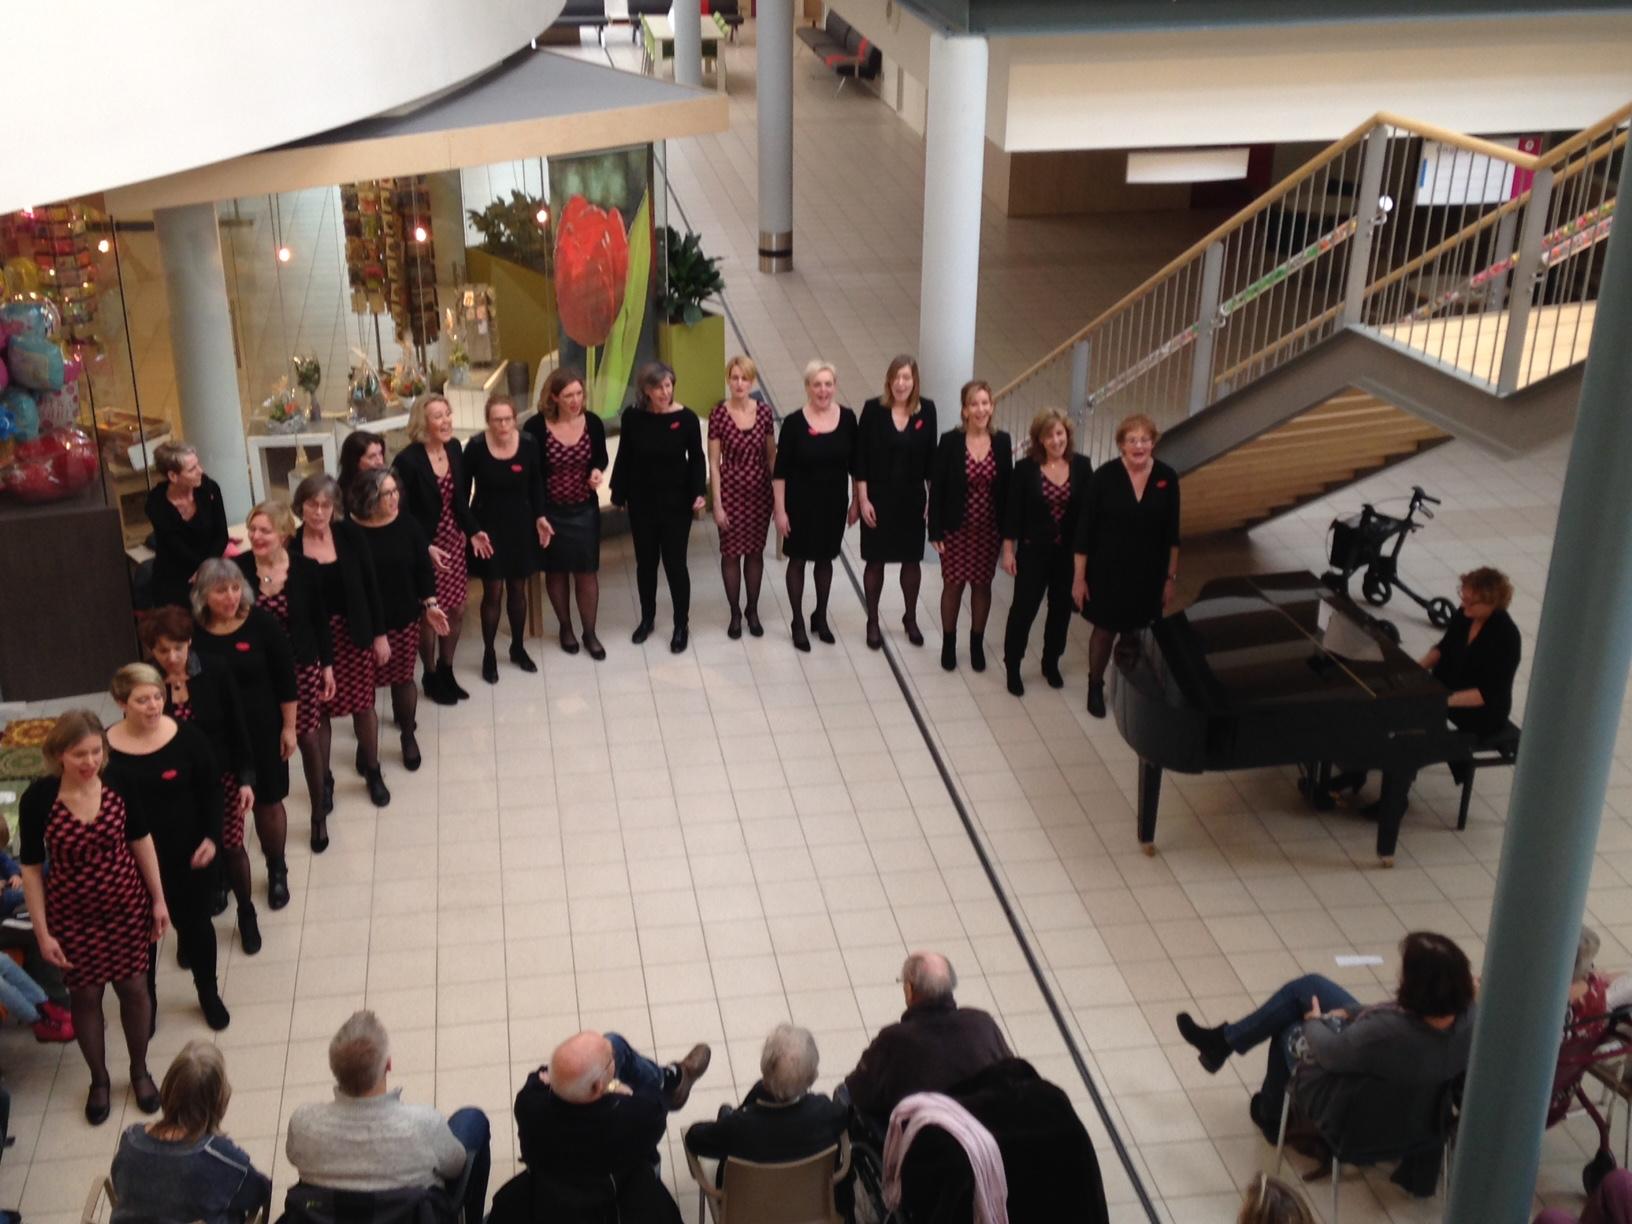 Optreden No Romeo's in het Deventer Ziekenhuis